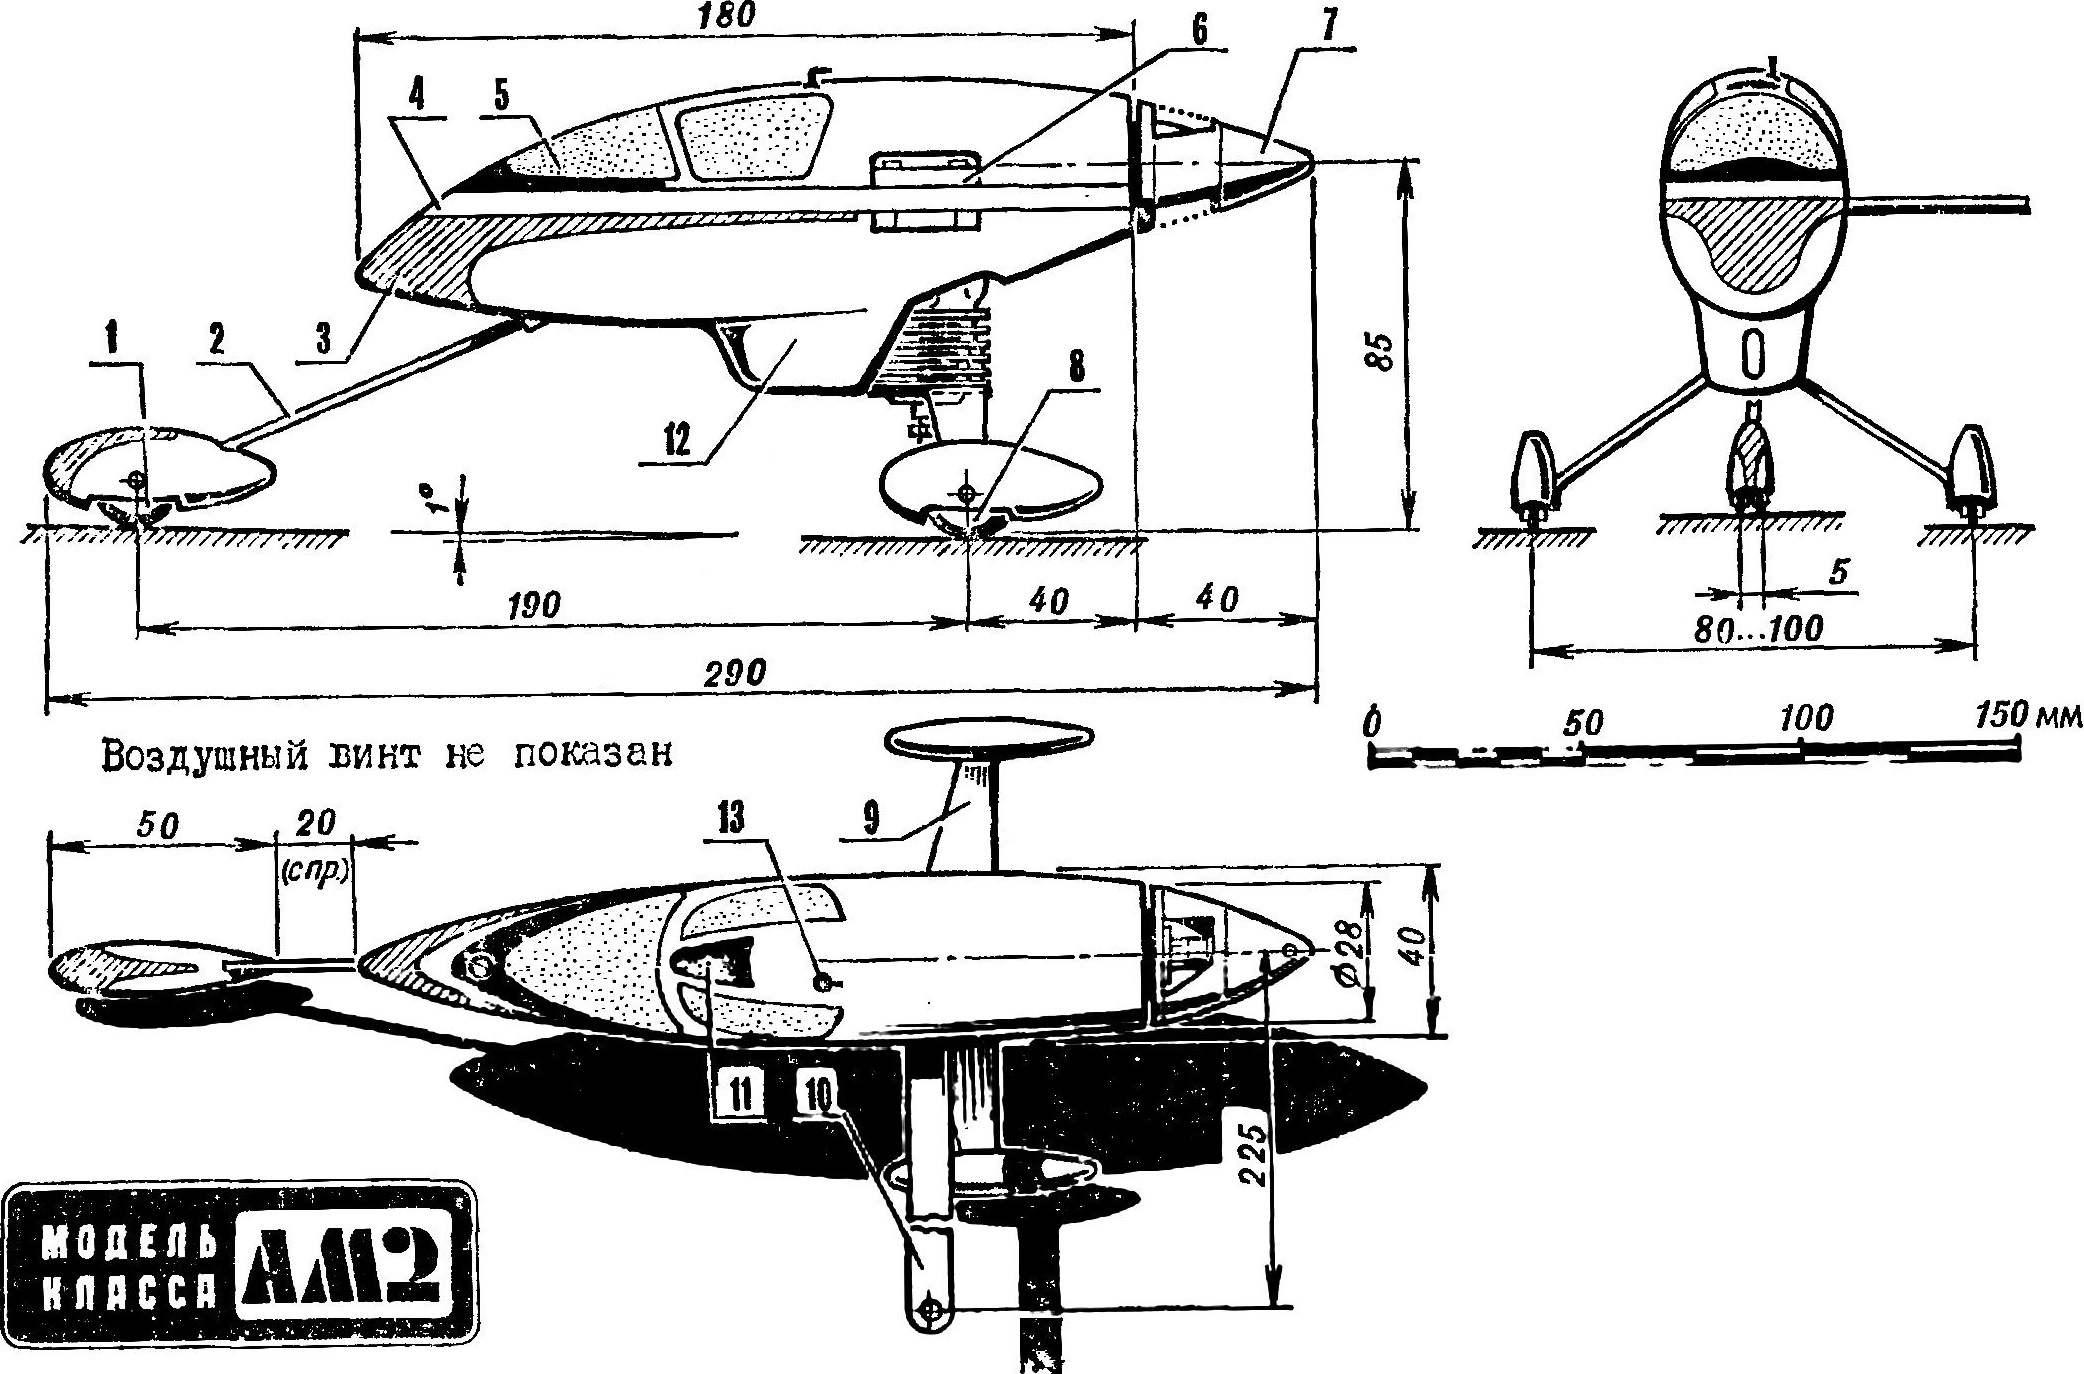 Модель аэромобиля под двигатель КМД с толкающим воздушным винтом.